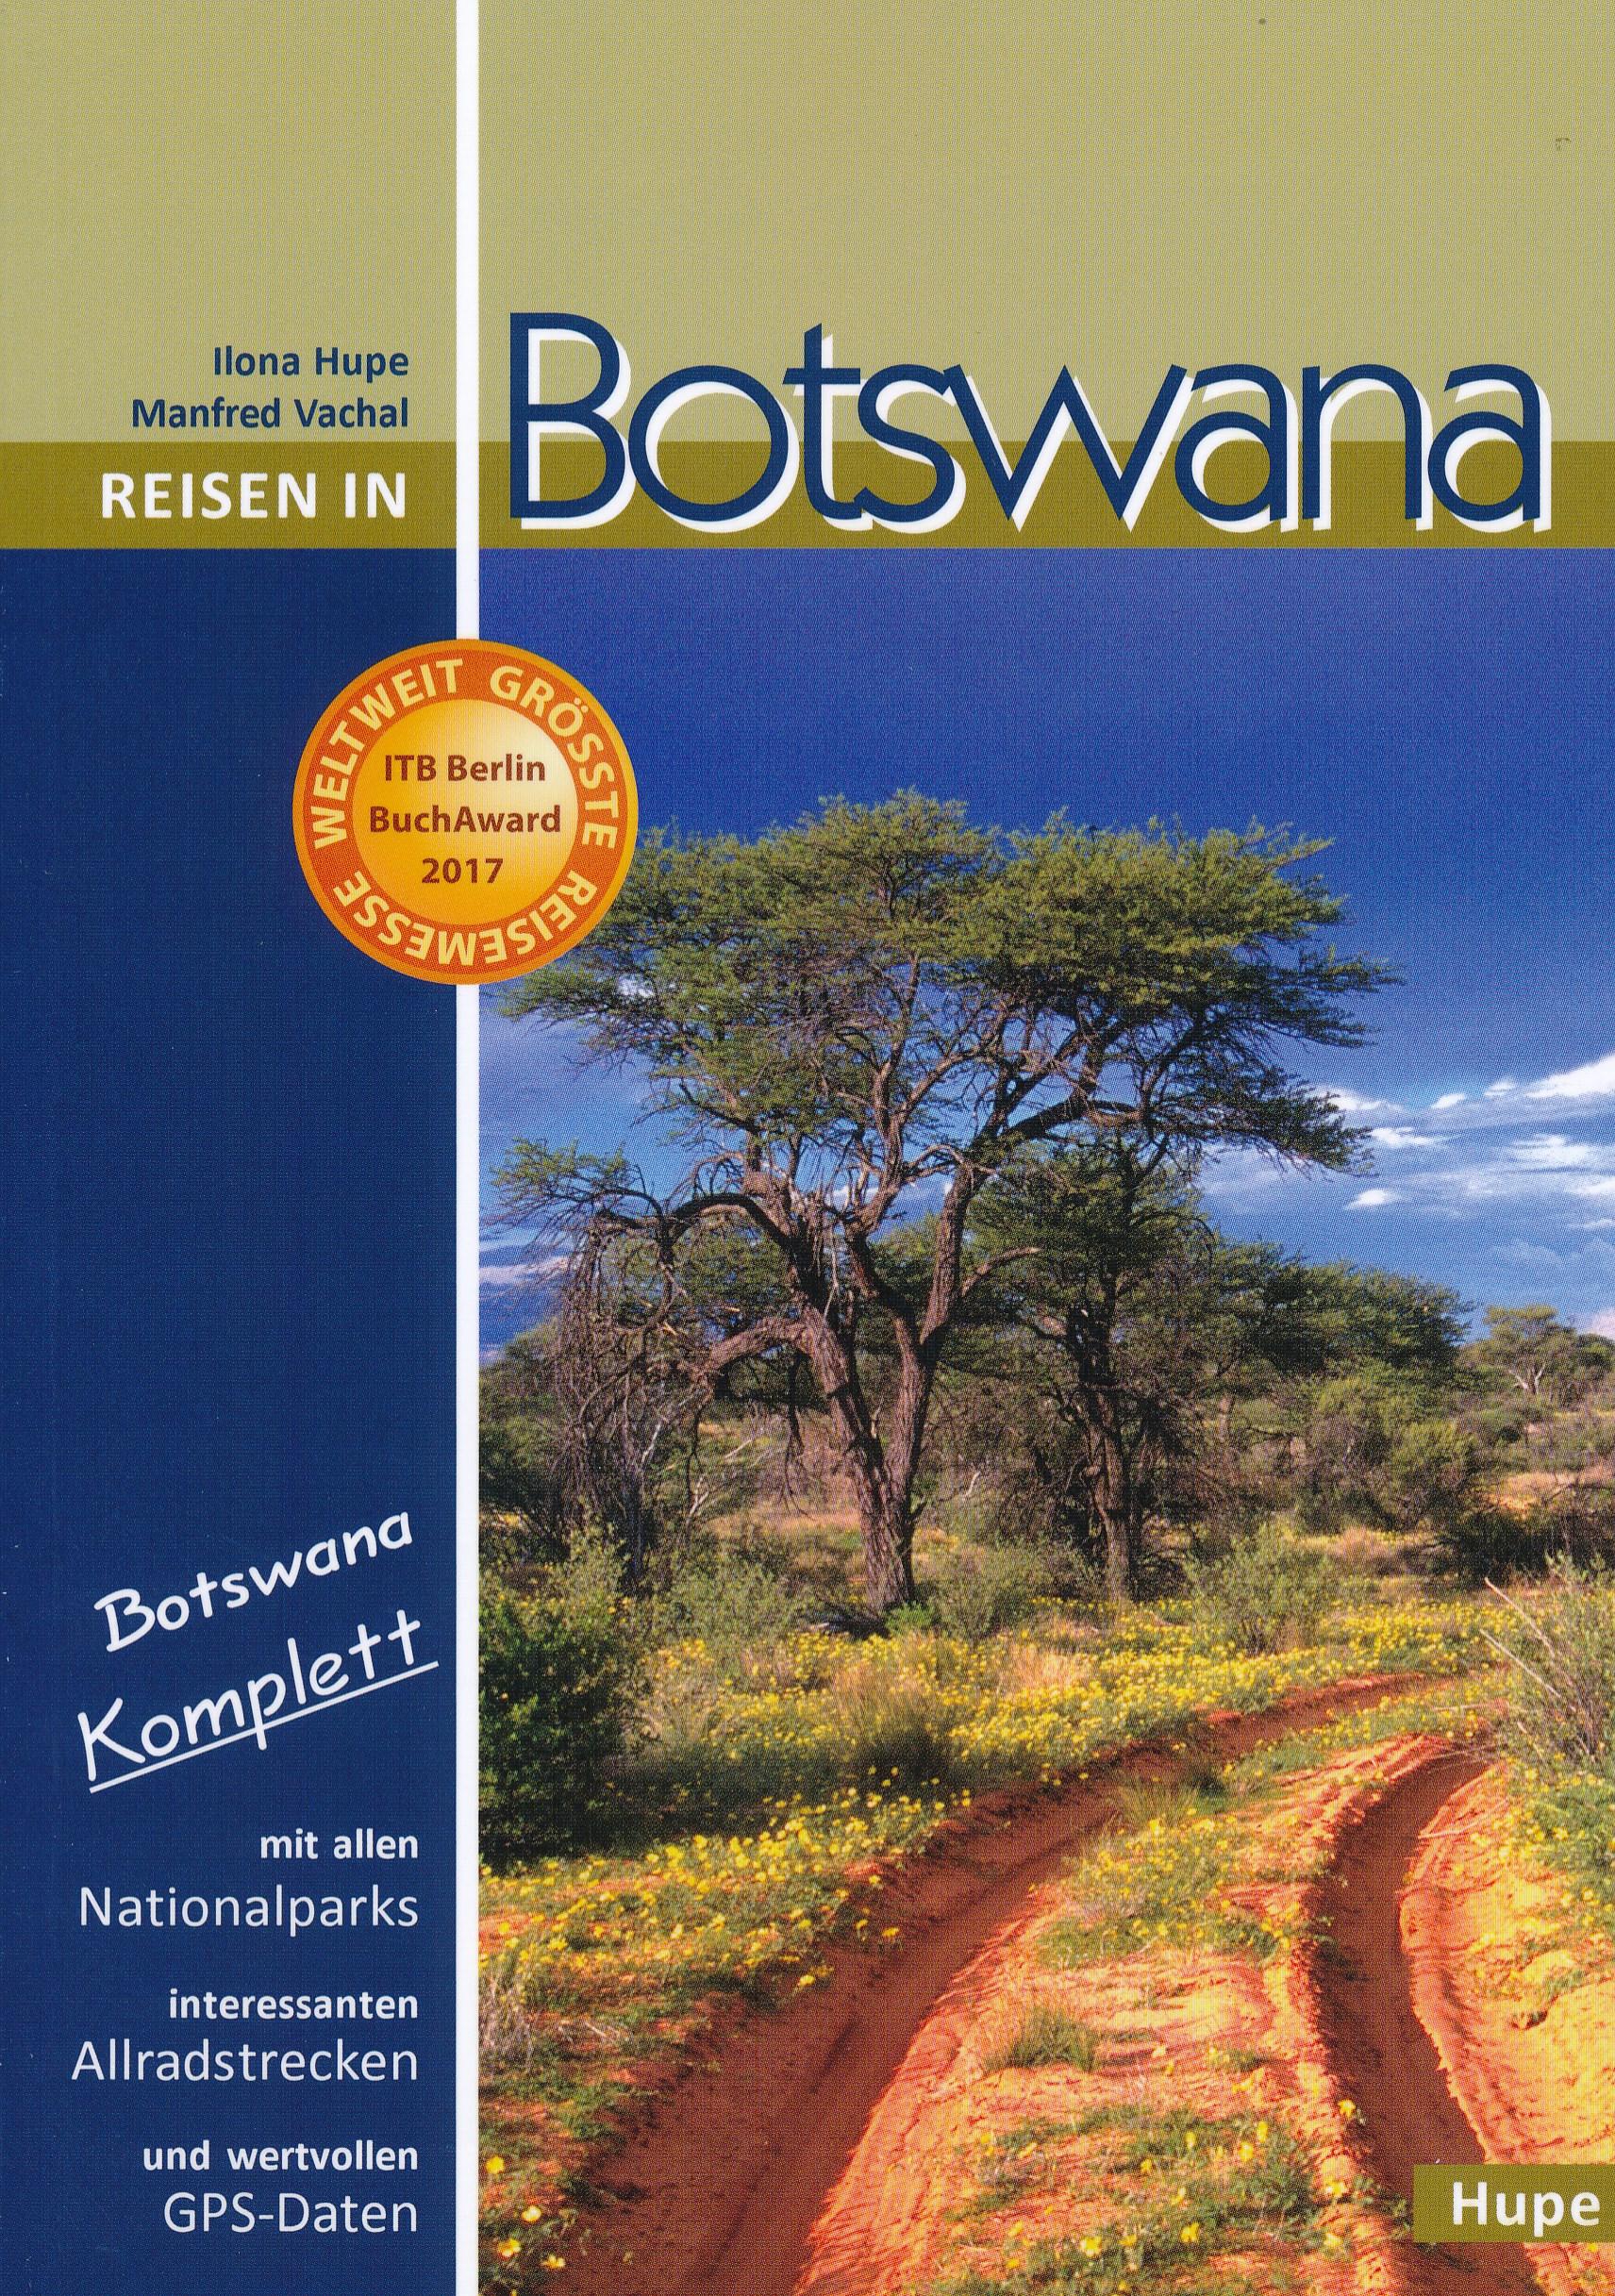 Reisen in Botswana | reisgids 9783932084775 Ilona Hupe, Manfred Vachal Hupe   Reisgidsen Botswana, Namibië